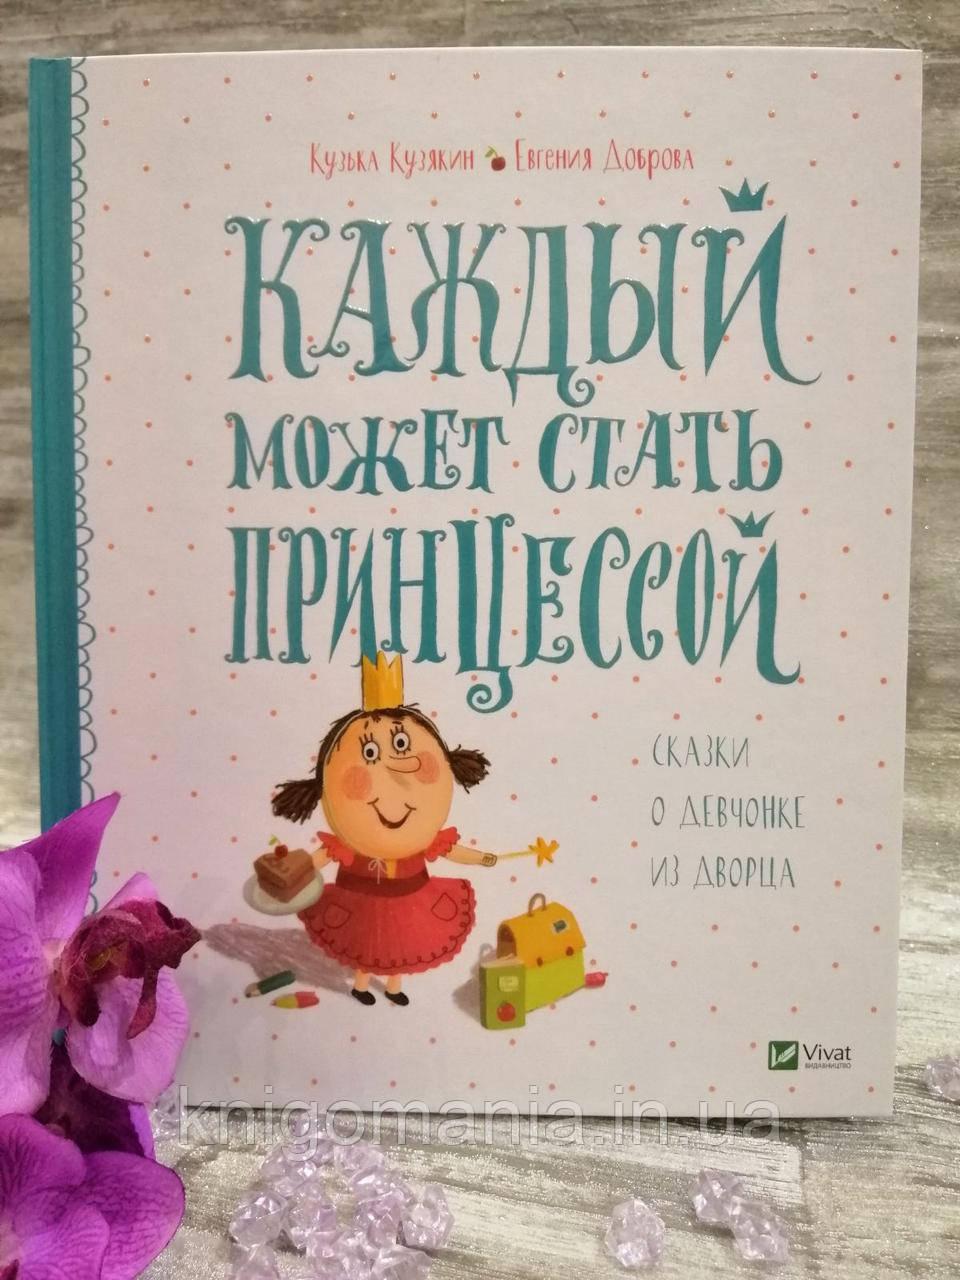 Каждый может стать принцессой. Кузька Кузякин, Евгения Доброва. Сказки о девочке из дворца.